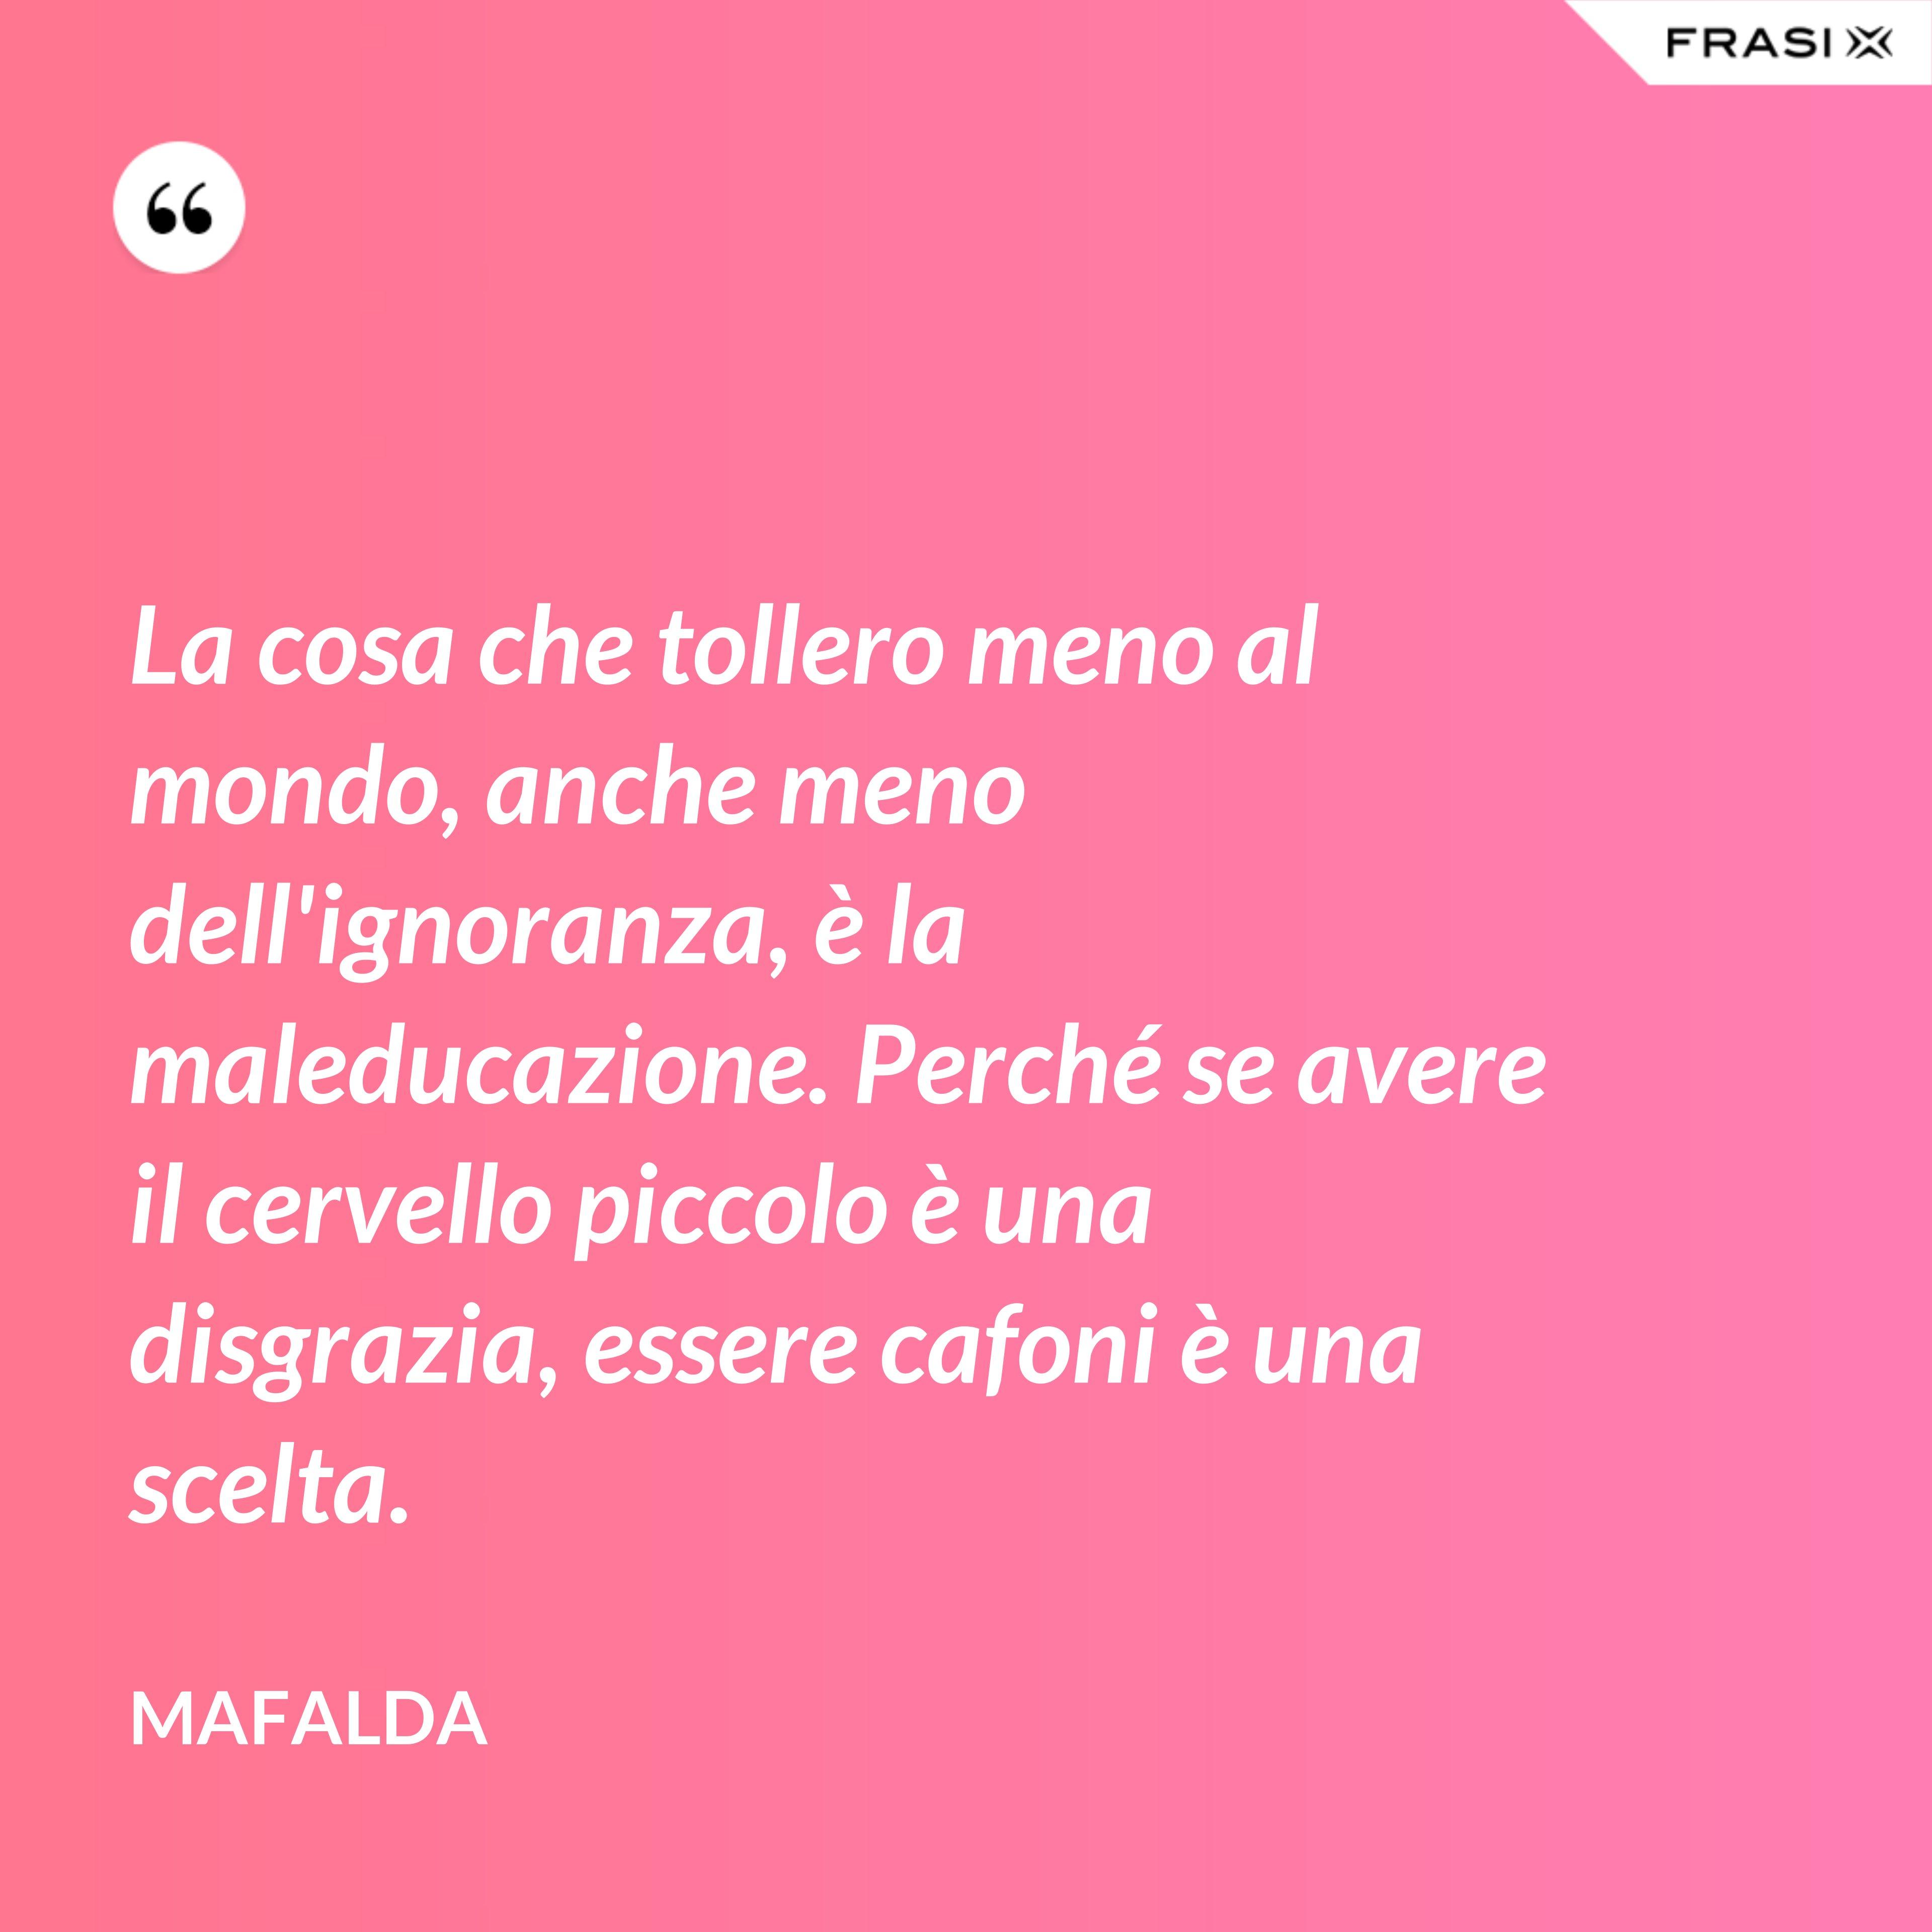 La cosa che tollero meno al mondo, anche meno dell'ignoranza, è la maleducazione. Perché se avere il cervello piccolo è una disgrazia, essere cafoni è una scelta. - Mafalda